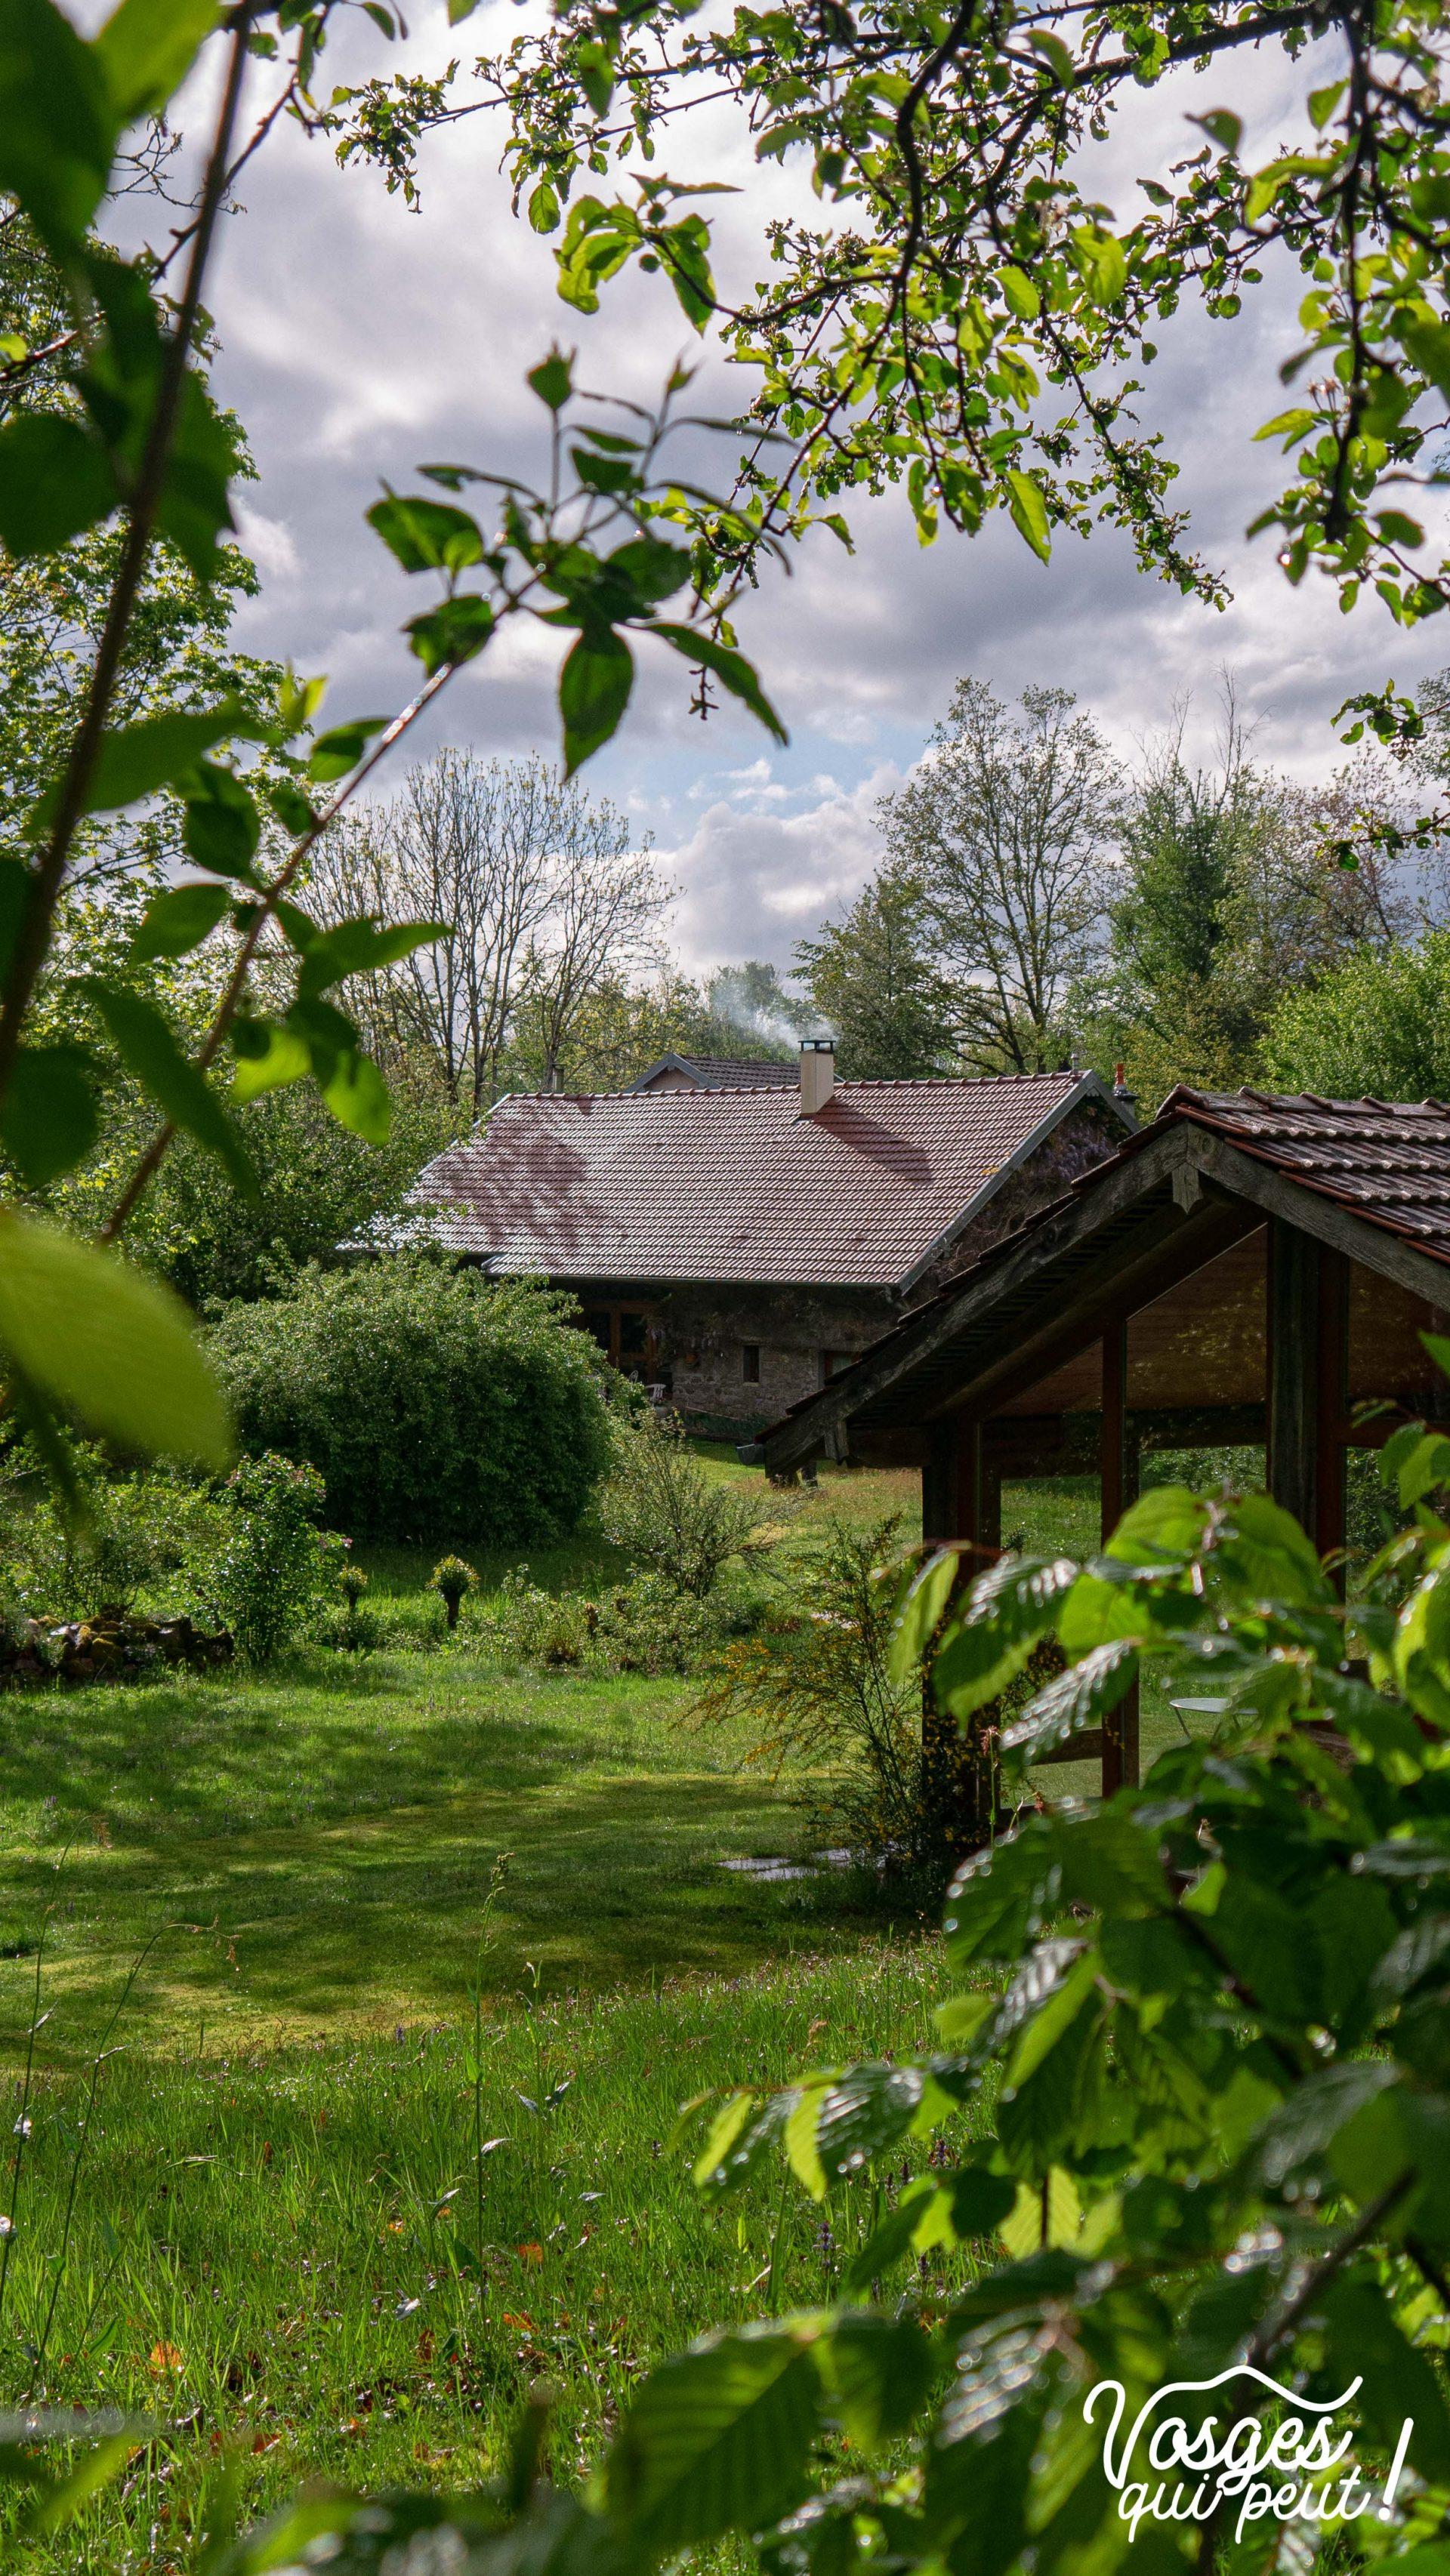 Maison traditionnelle au plateau des mille étangs